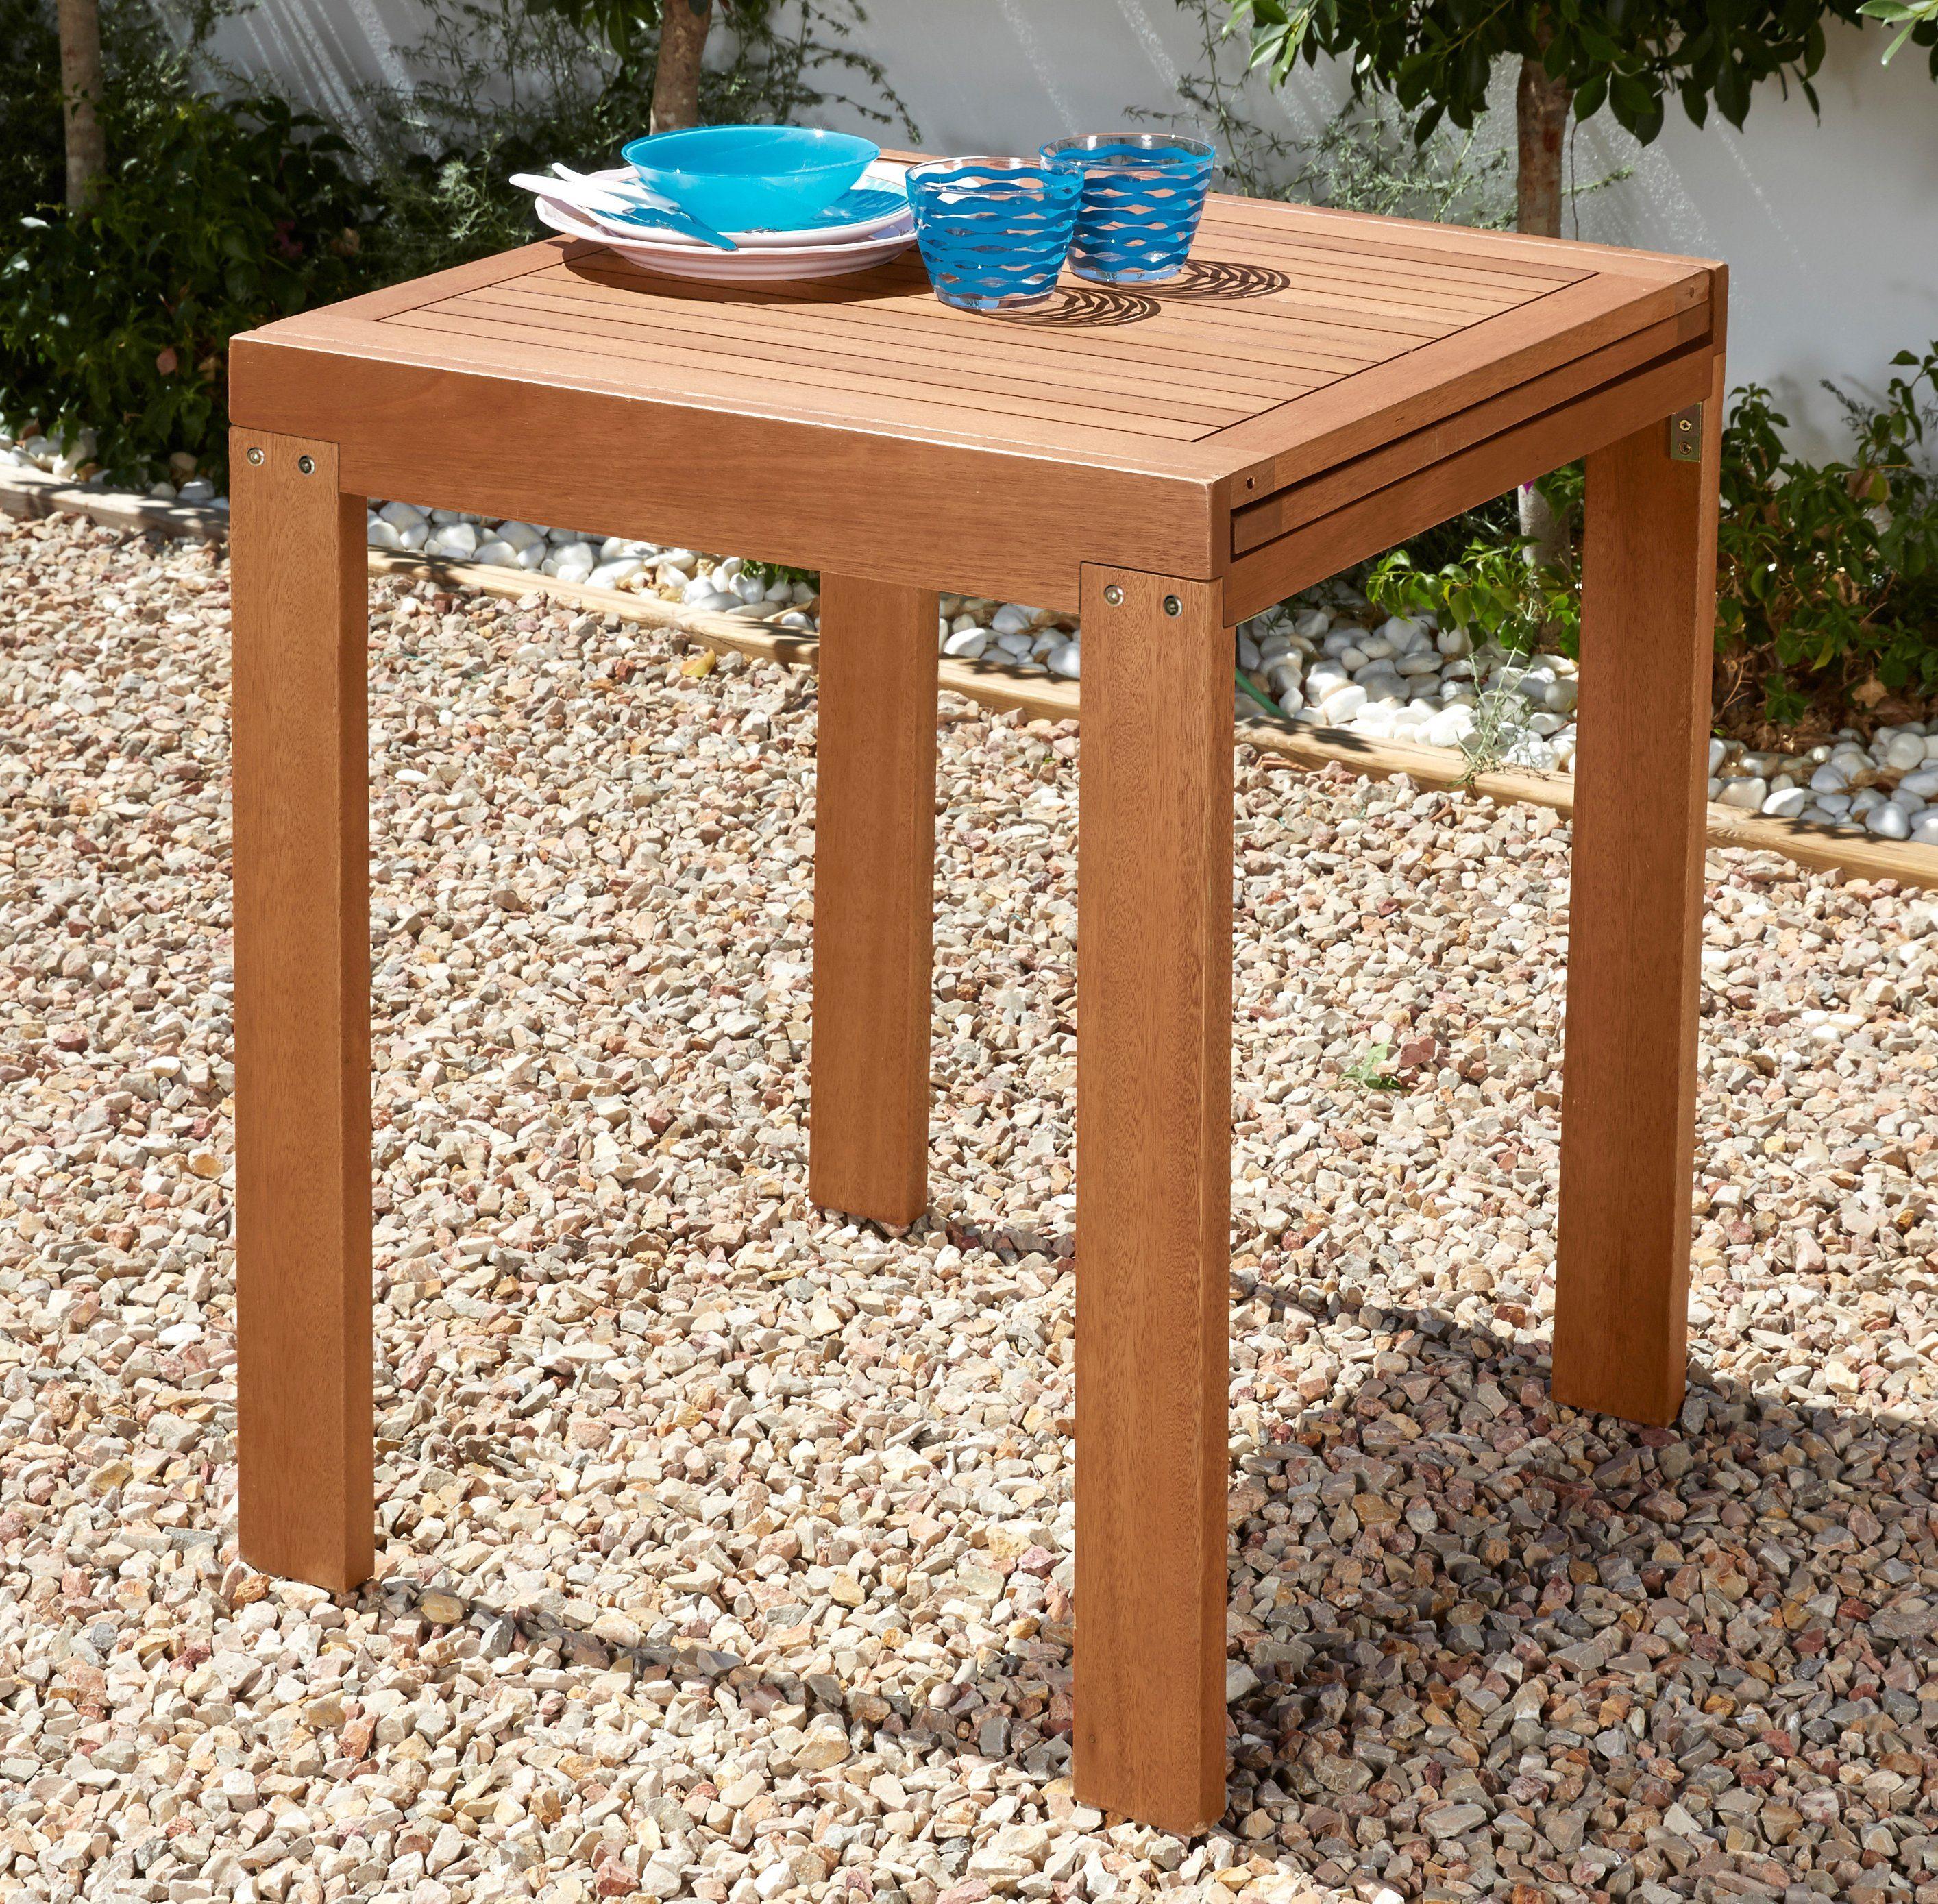 Gartentisch Holz Klappbar 70x70 Gartentisch Klappbar Aborkuma